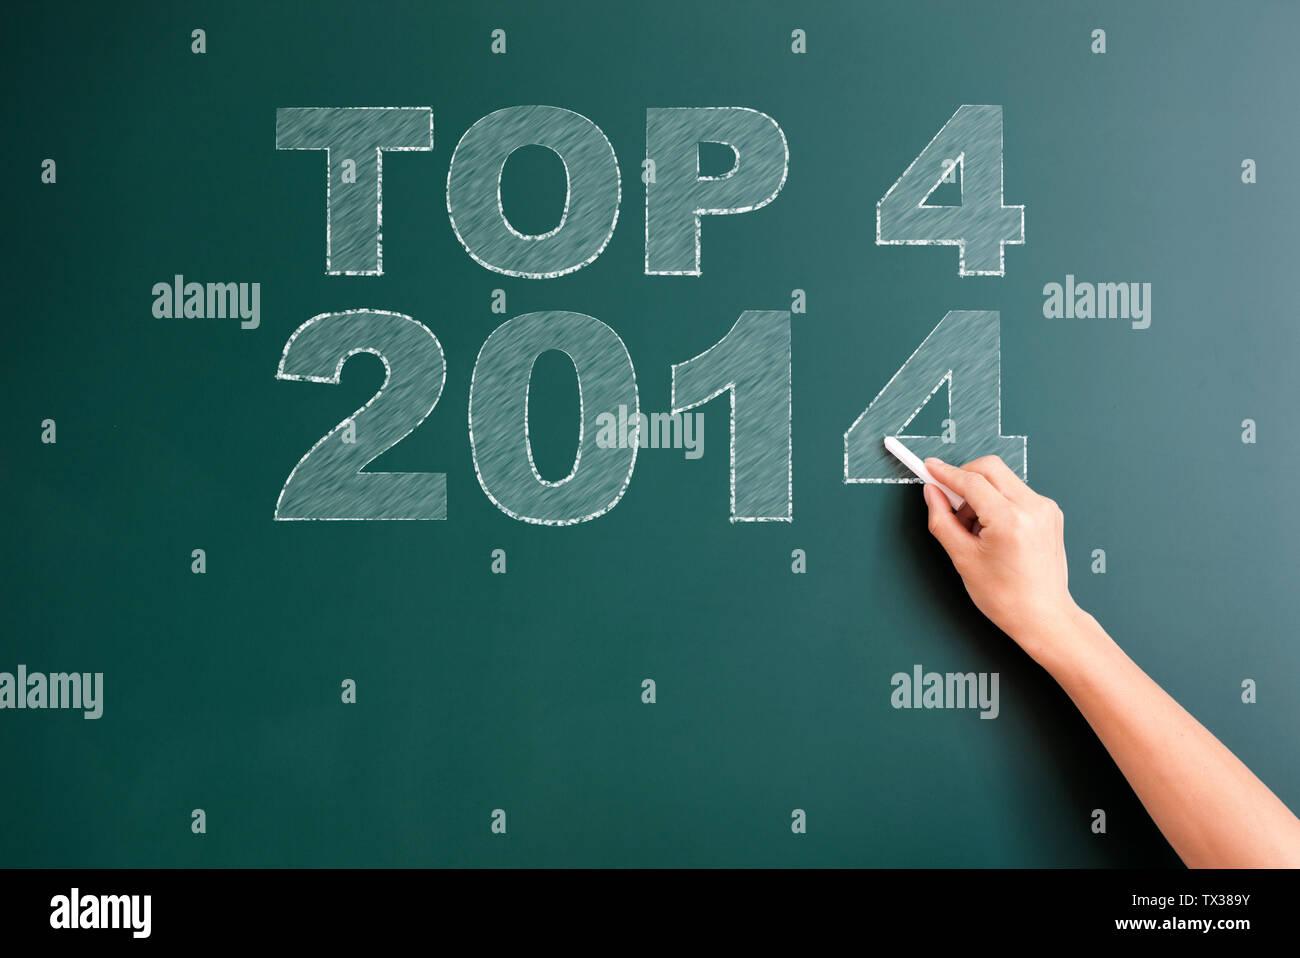 Top 4 2014 written on blackboard Photo Stock